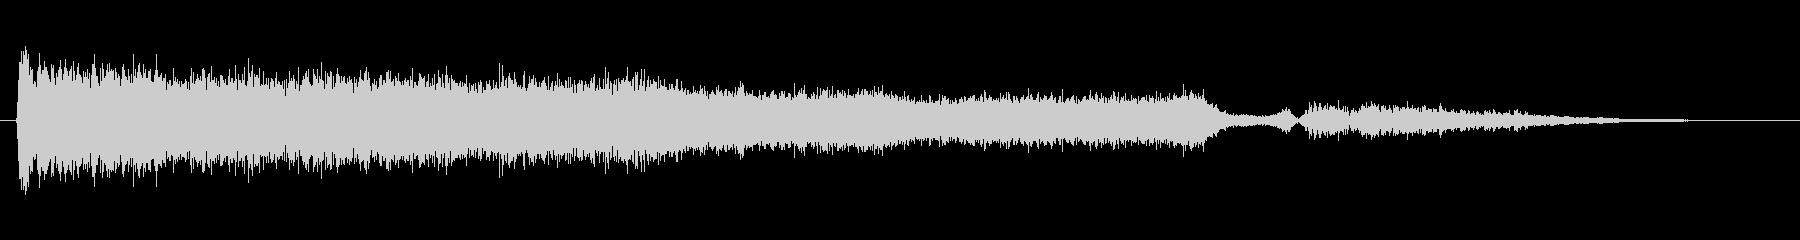 素材 ノイズジェットフォール03の未再生の波形